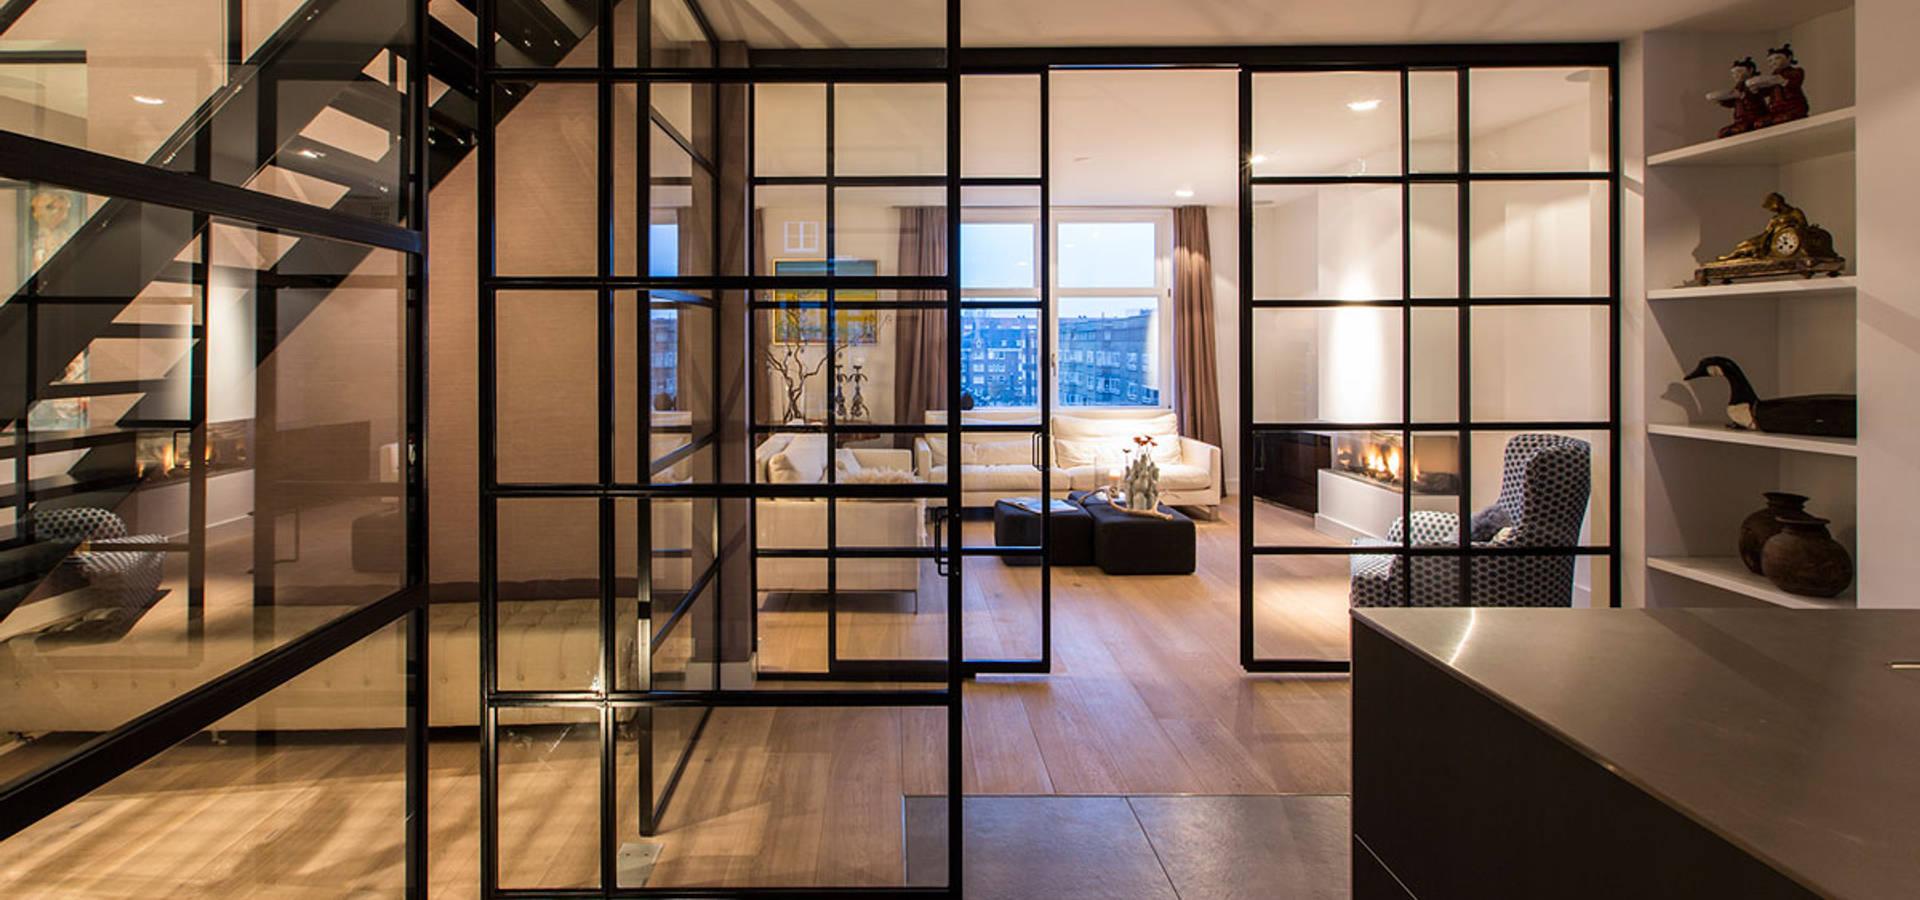 Landelijke rietgedekte villa naarden door denoldervleugels for Design of appartement